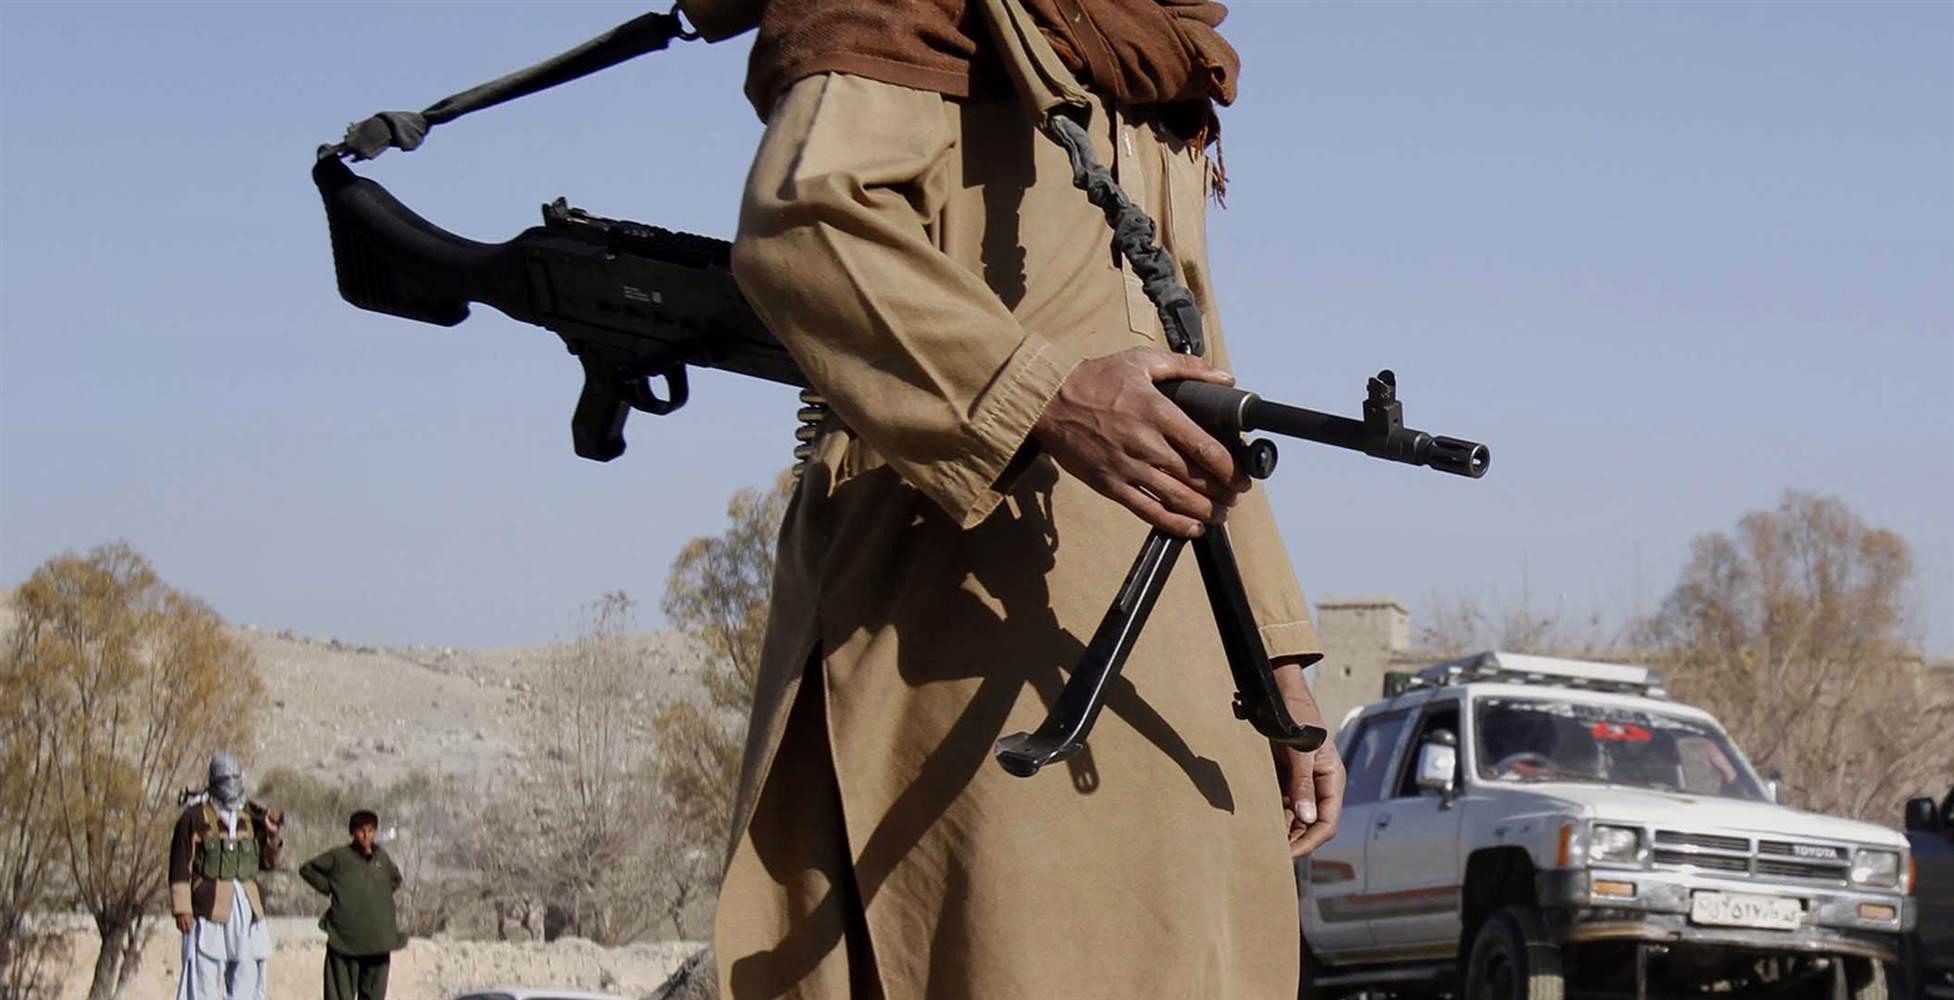 Taliban Sözcüsü: Her ülke ile meşru yoldan diplomasi geliştiriyoruz